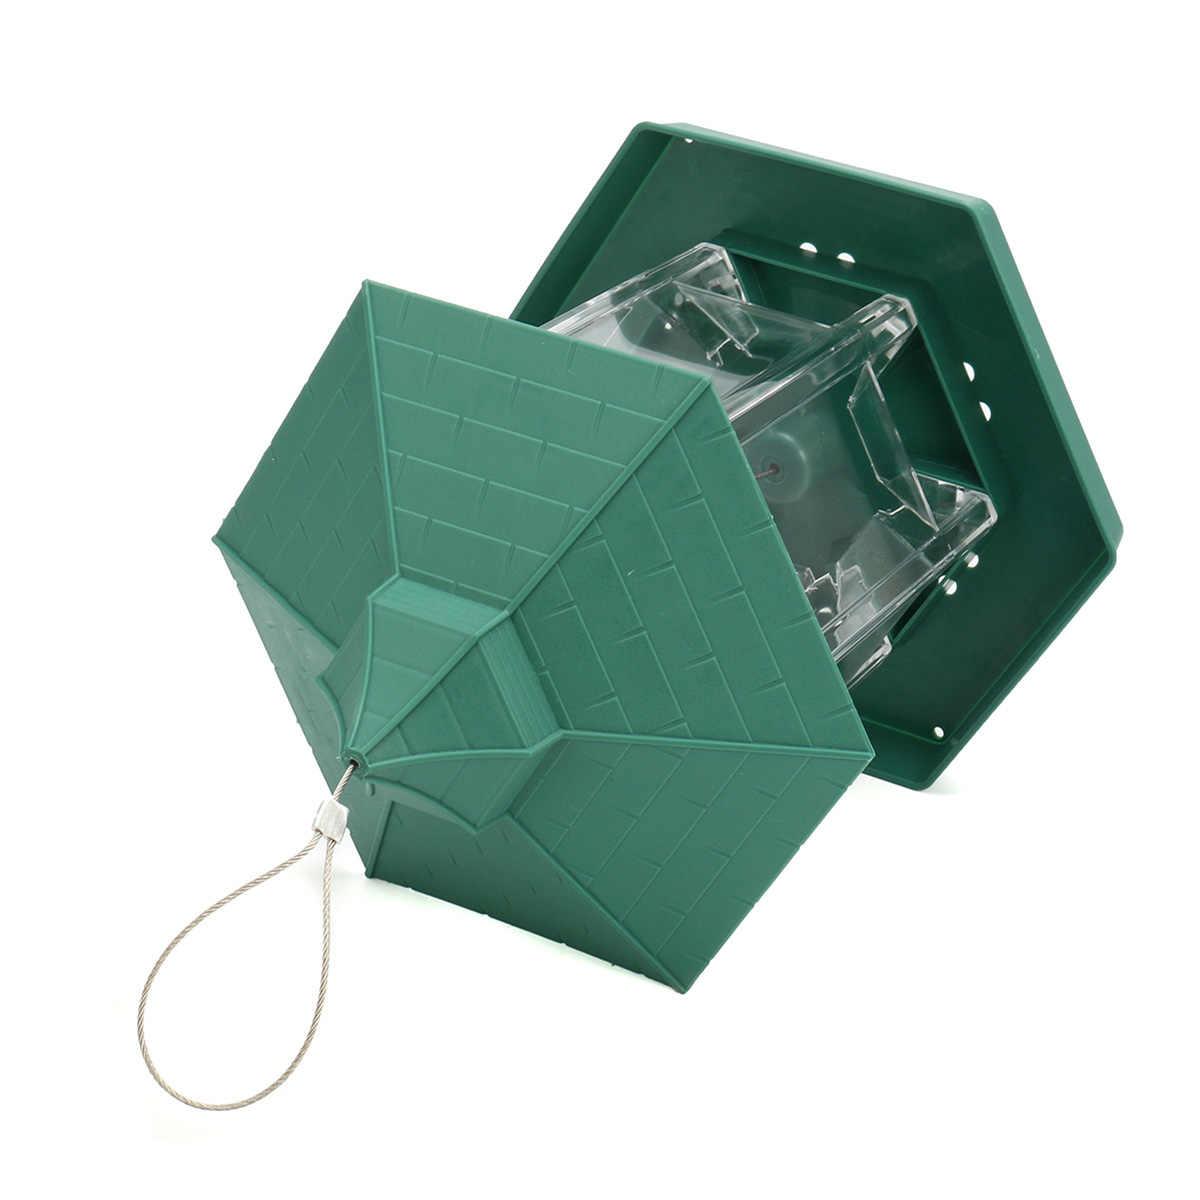 23*20 センチメートルグリーンパビリオン鳥の餌箱プラスチック鳥食品容器屋外防水鳥の餌箱ペット用品ガーデン装飾